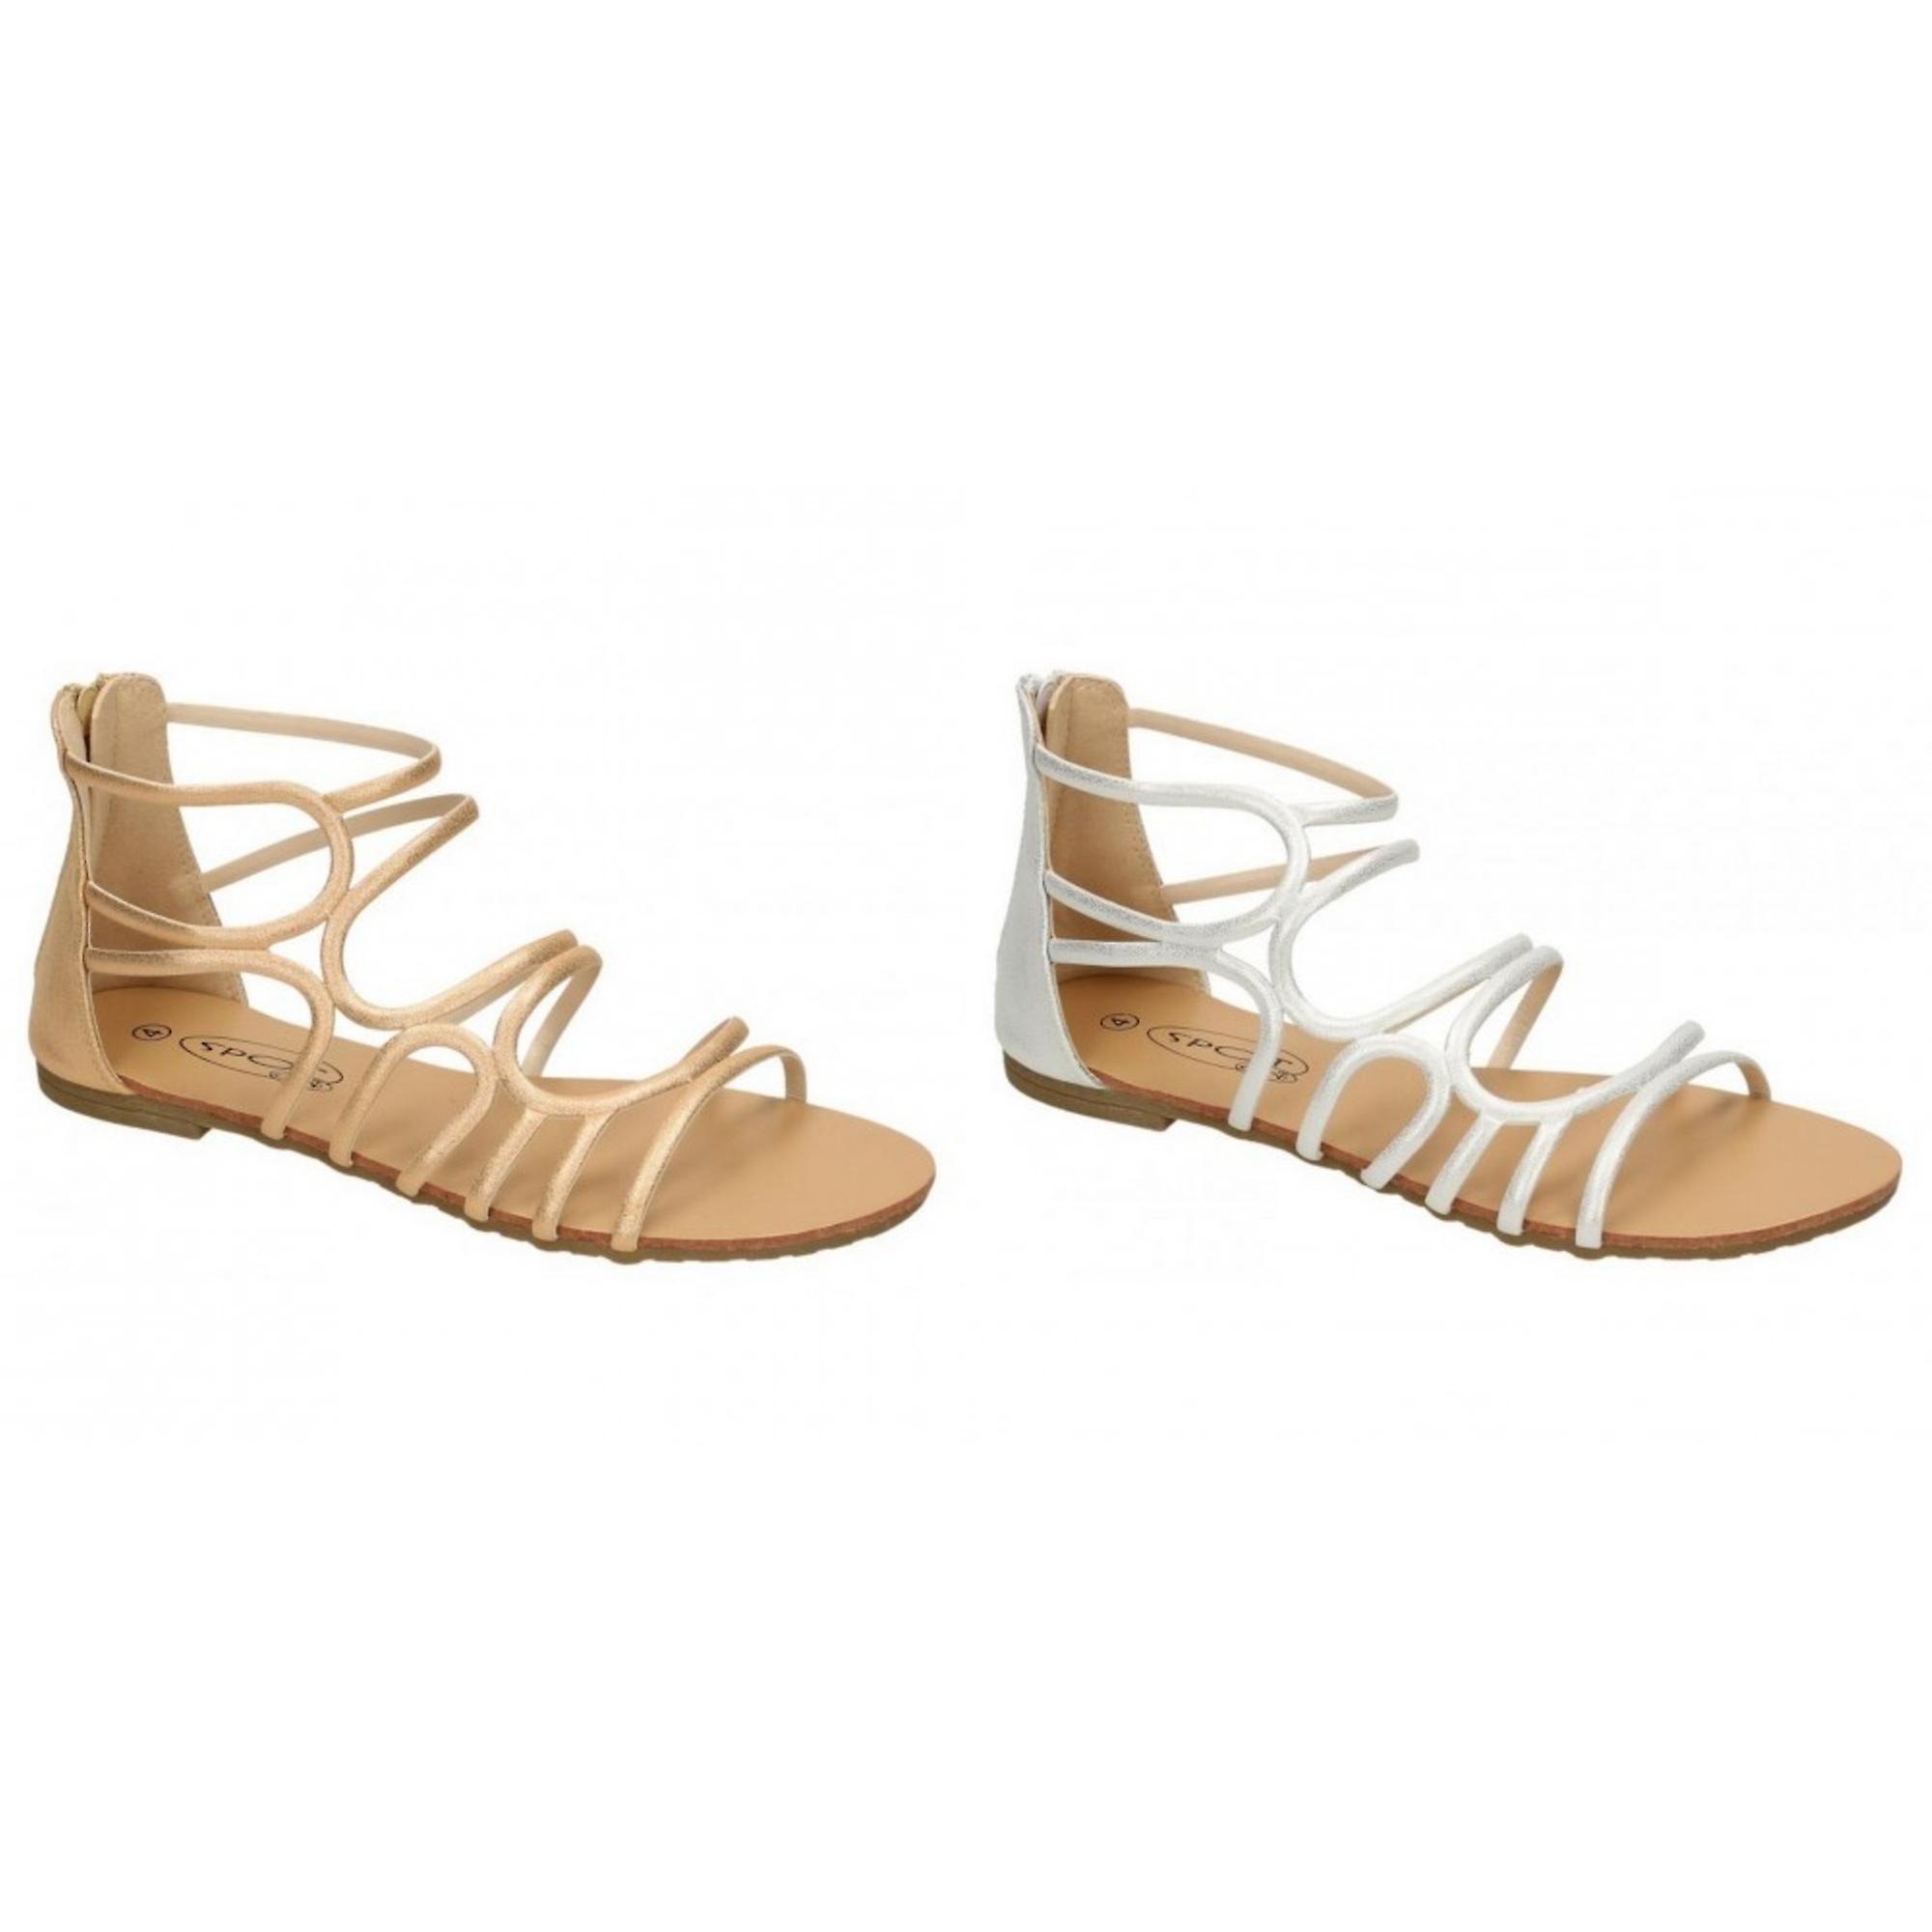 Na miejscu u kobiet/damskie skórzane sandały z paskami zyskały 7Lzl3